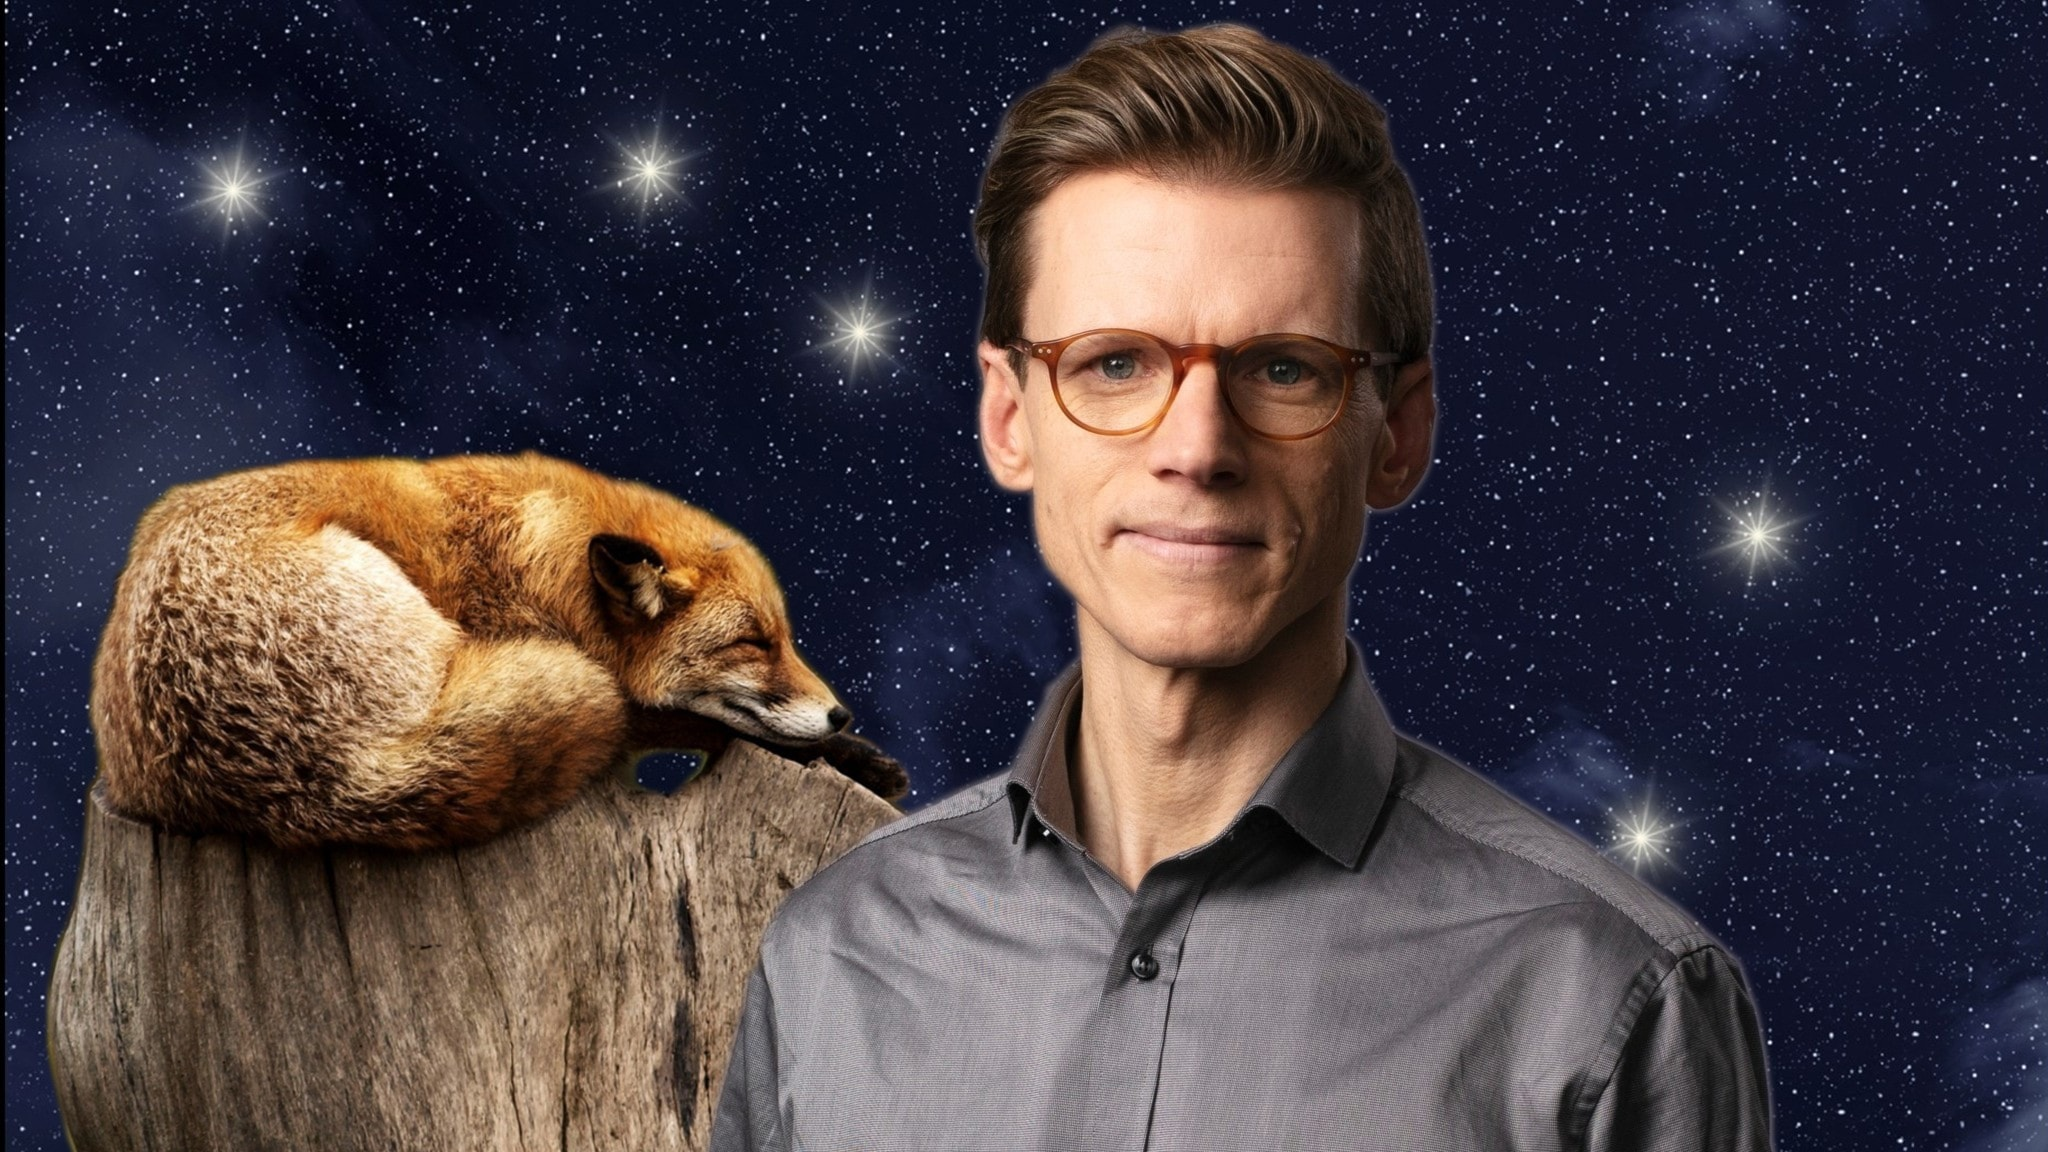 I förgrunden programledaren Johan Signert, framför en sovande räv och en stjärnhimmel.